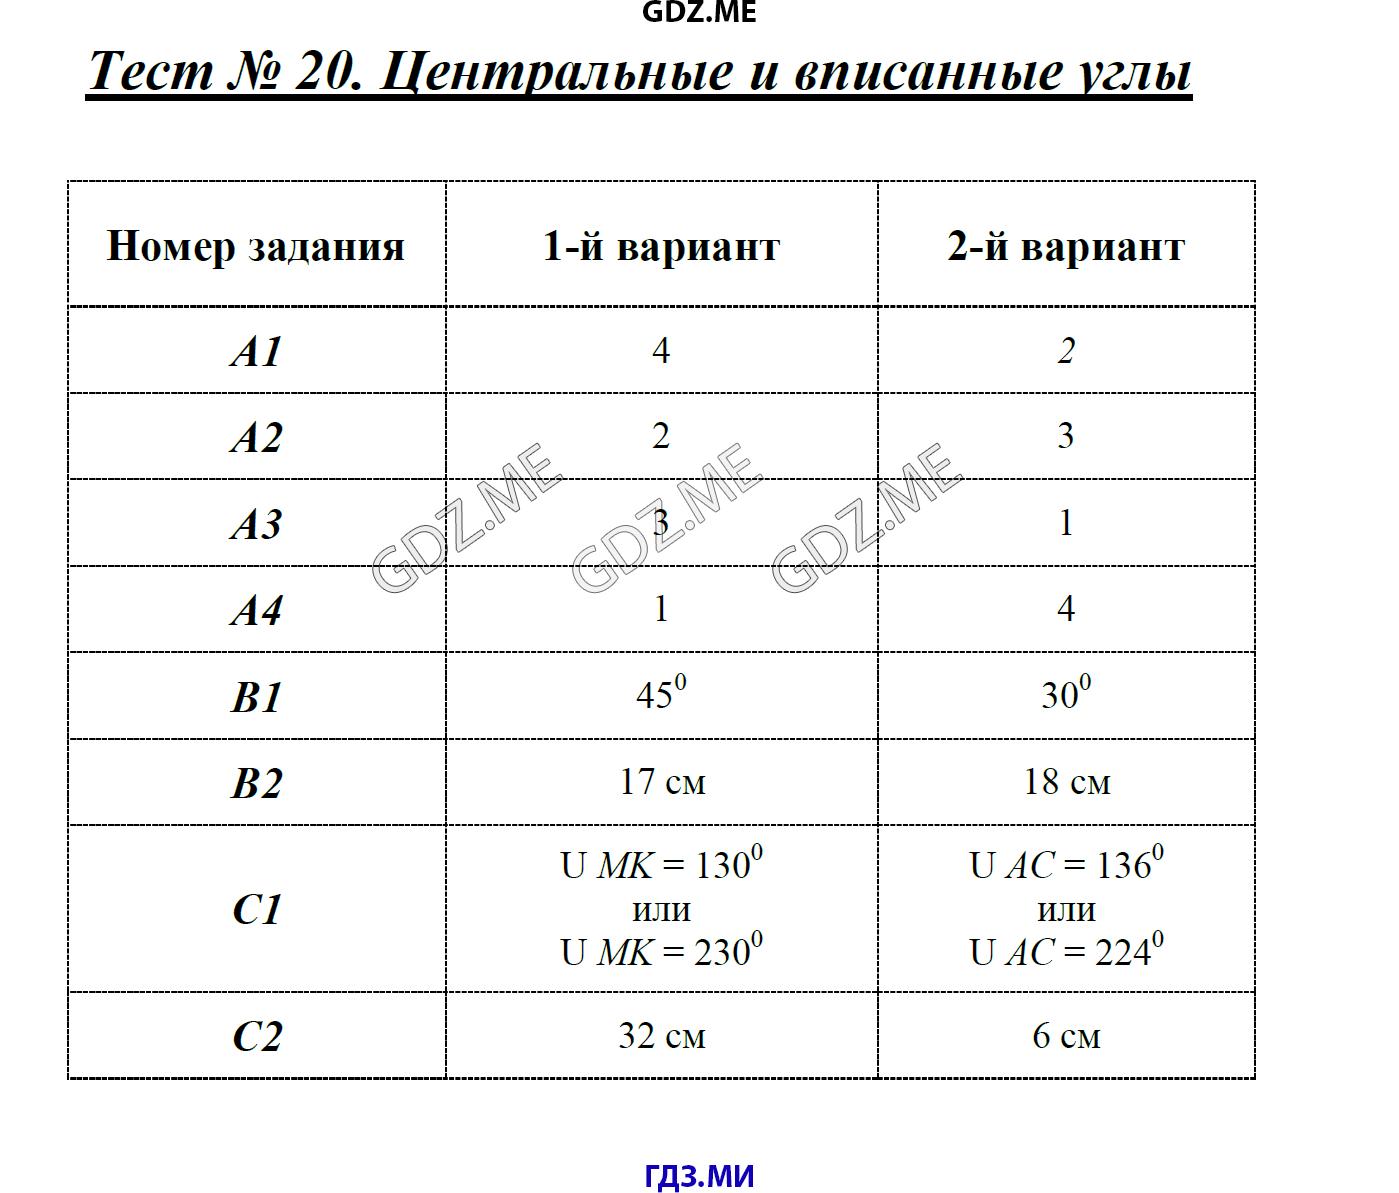 ГДЗ решебник по геометрии класс КИМ Гаврилова Подобные треугольники Тест 19 Касательная к окружности Тест 20 Центральные и вписанные углы